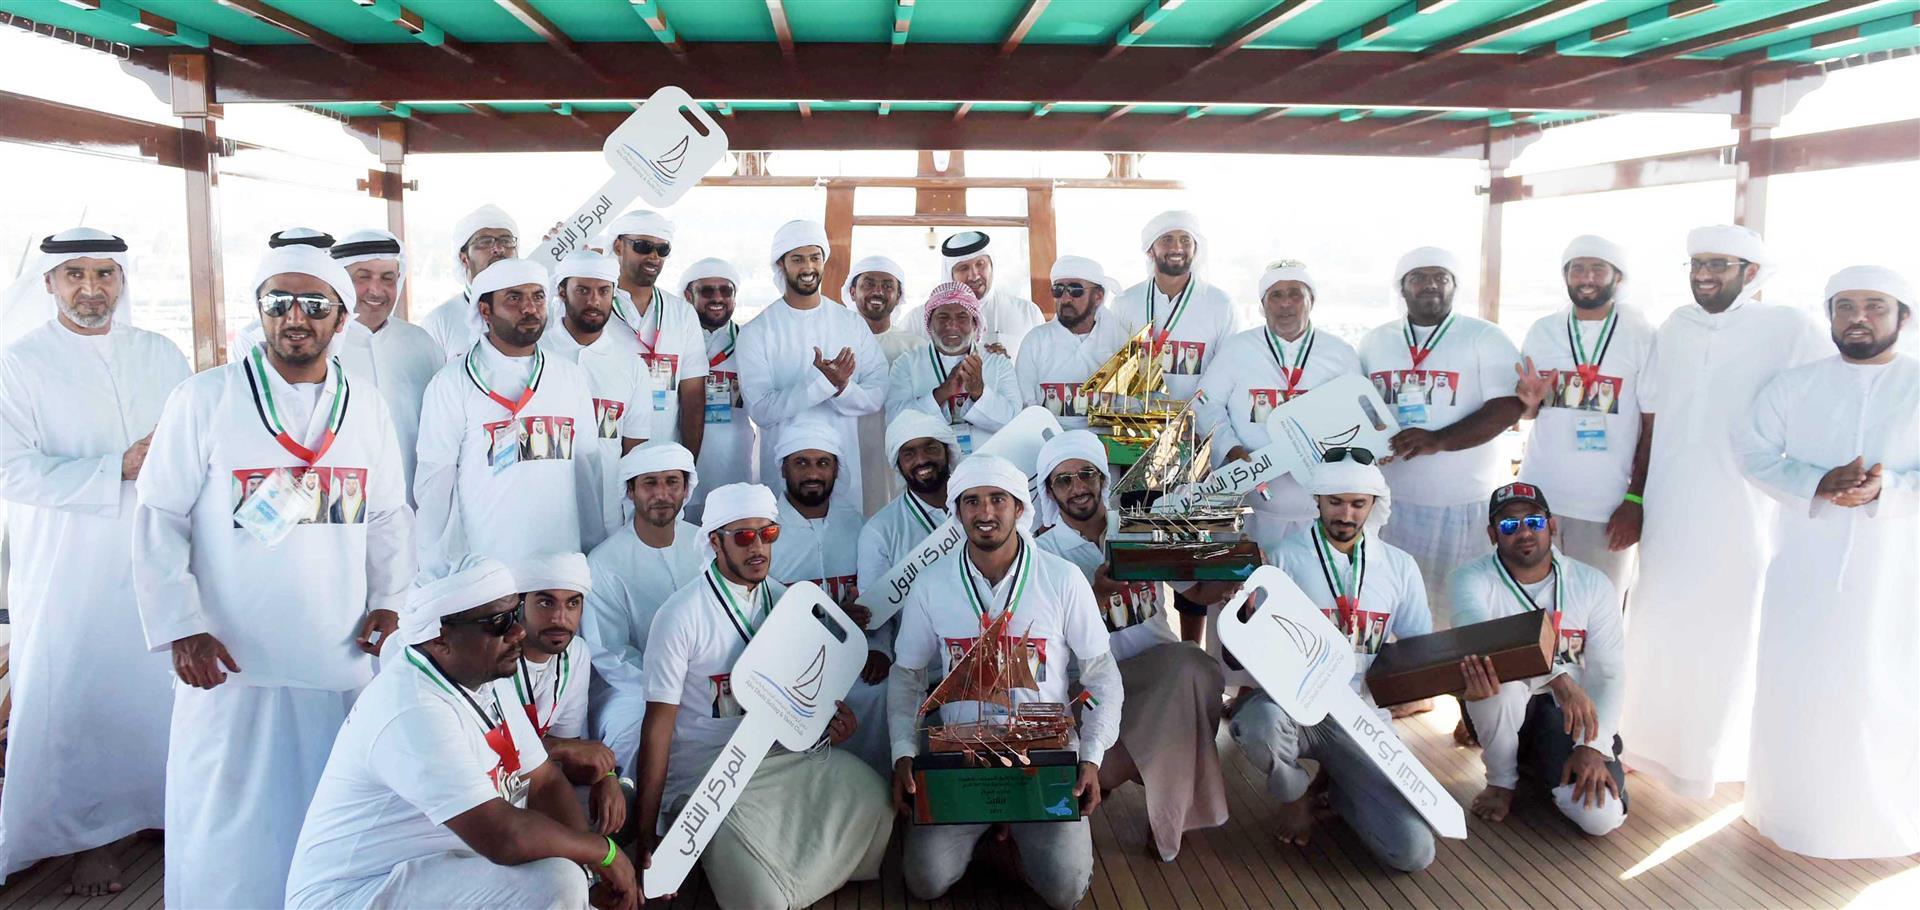 زايد بن حمدان بن زايد يتوج الفائزين في سباق دلما التاريخي للمحامل الشراعية 4